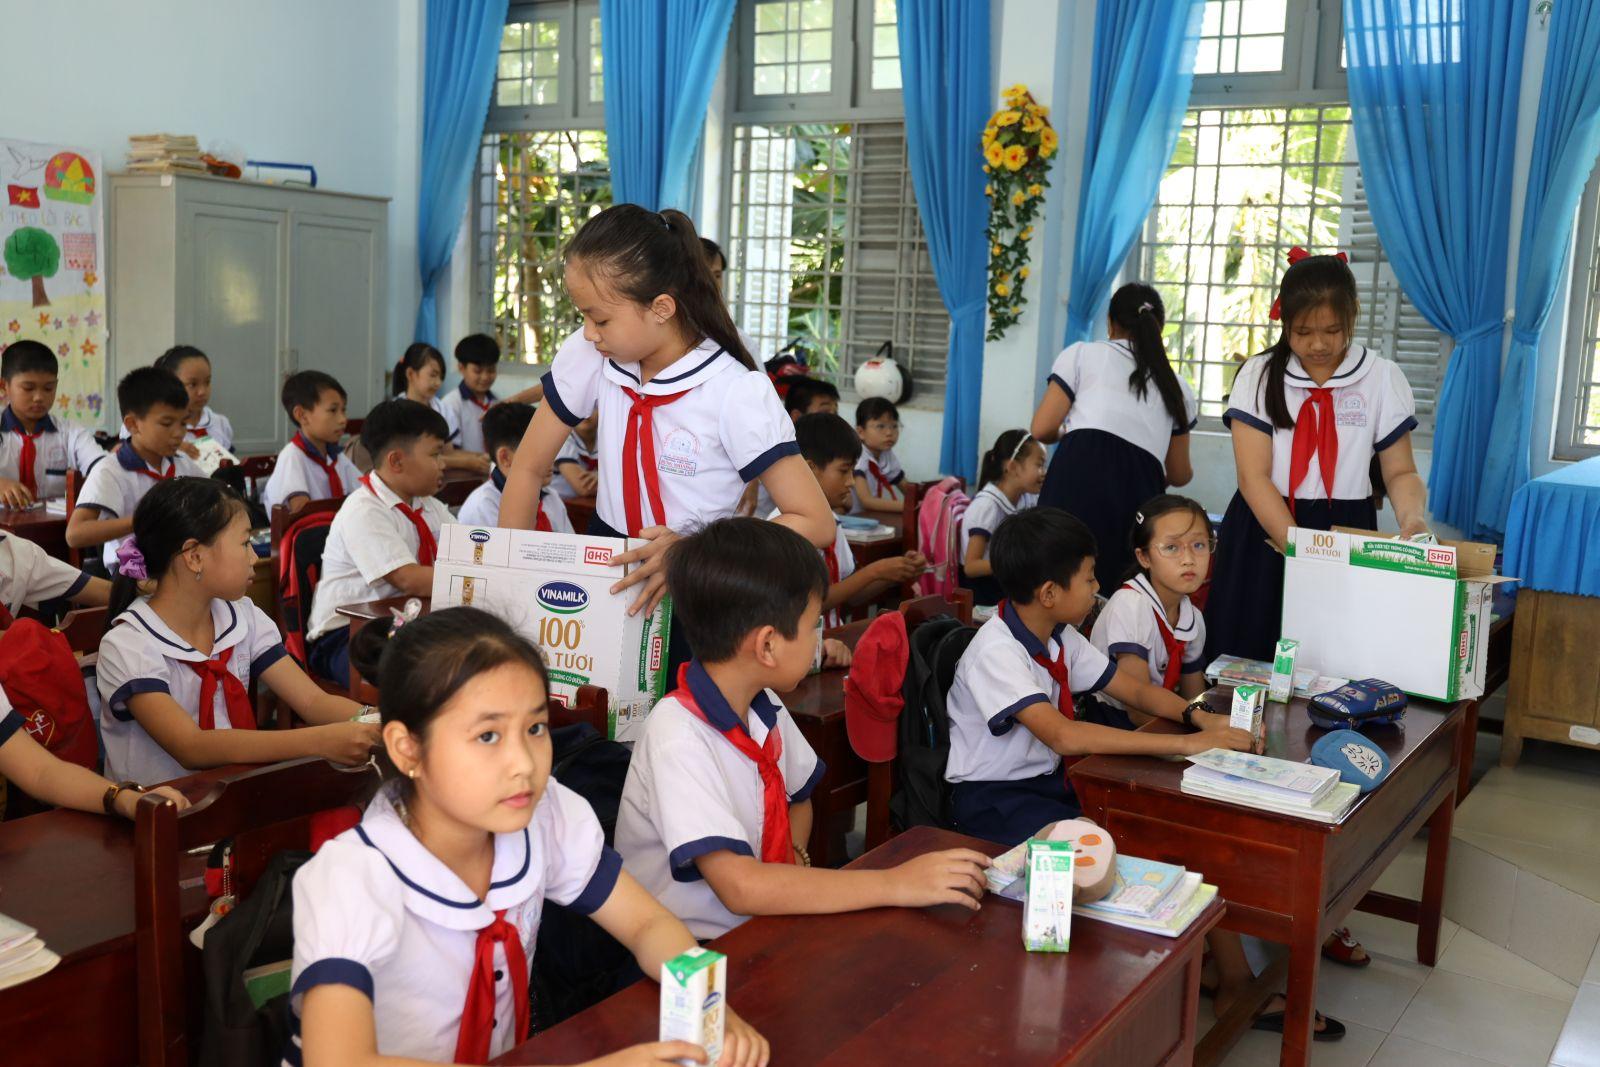 Giờ uống sữa tại lớp 5/1 trường Tiểu học Hưng Nhượng, huyện Giồng Trôm, tỉnh Bến Tre